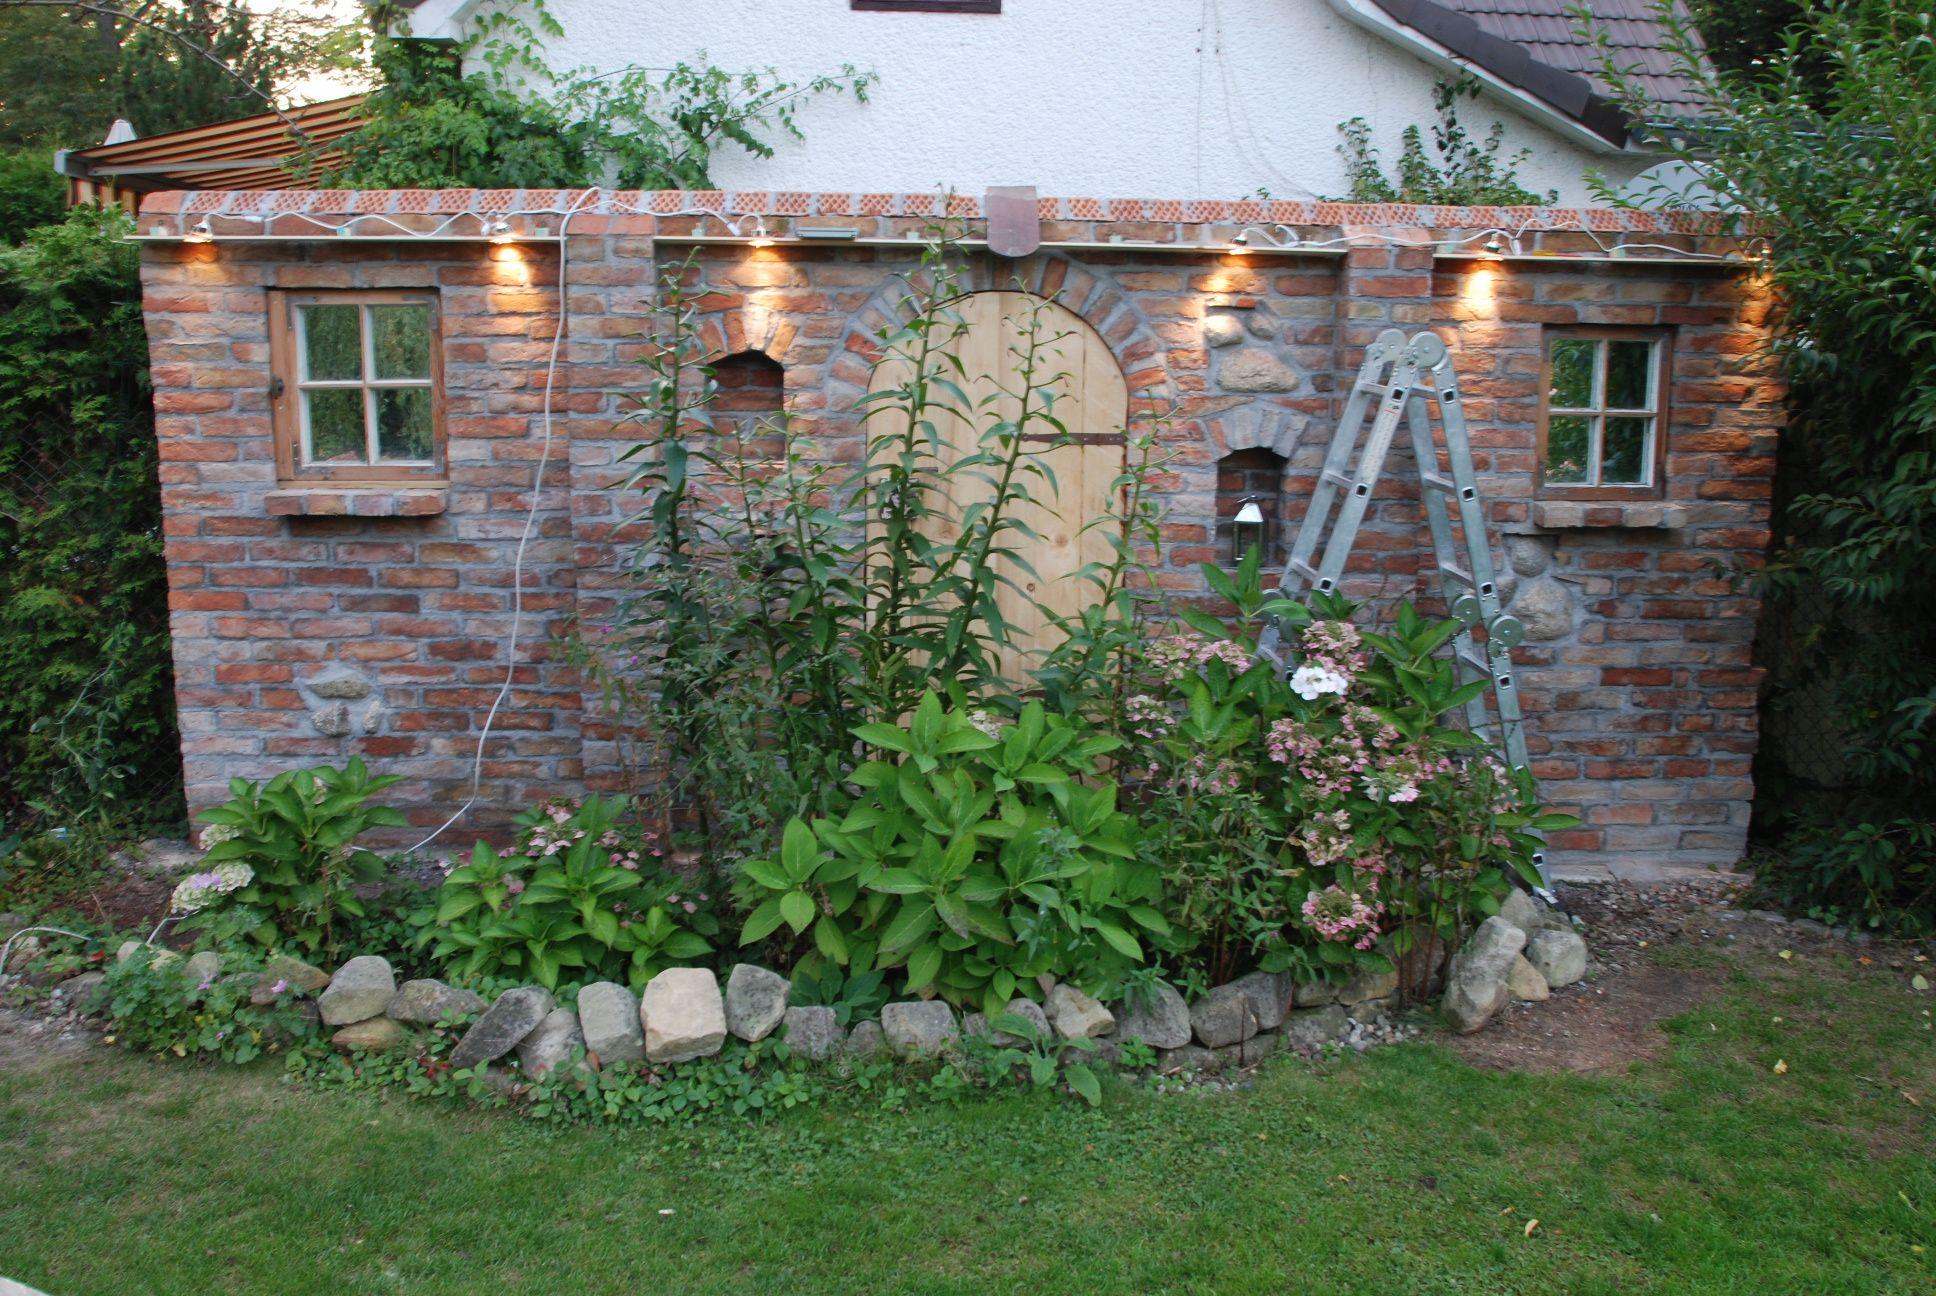 ziermauer beleuchtungseinbau ziermauer sichtschutz pinterest ruinenmauer g rten und. Black Bedroom Furniture Sets. Home Design Ideas